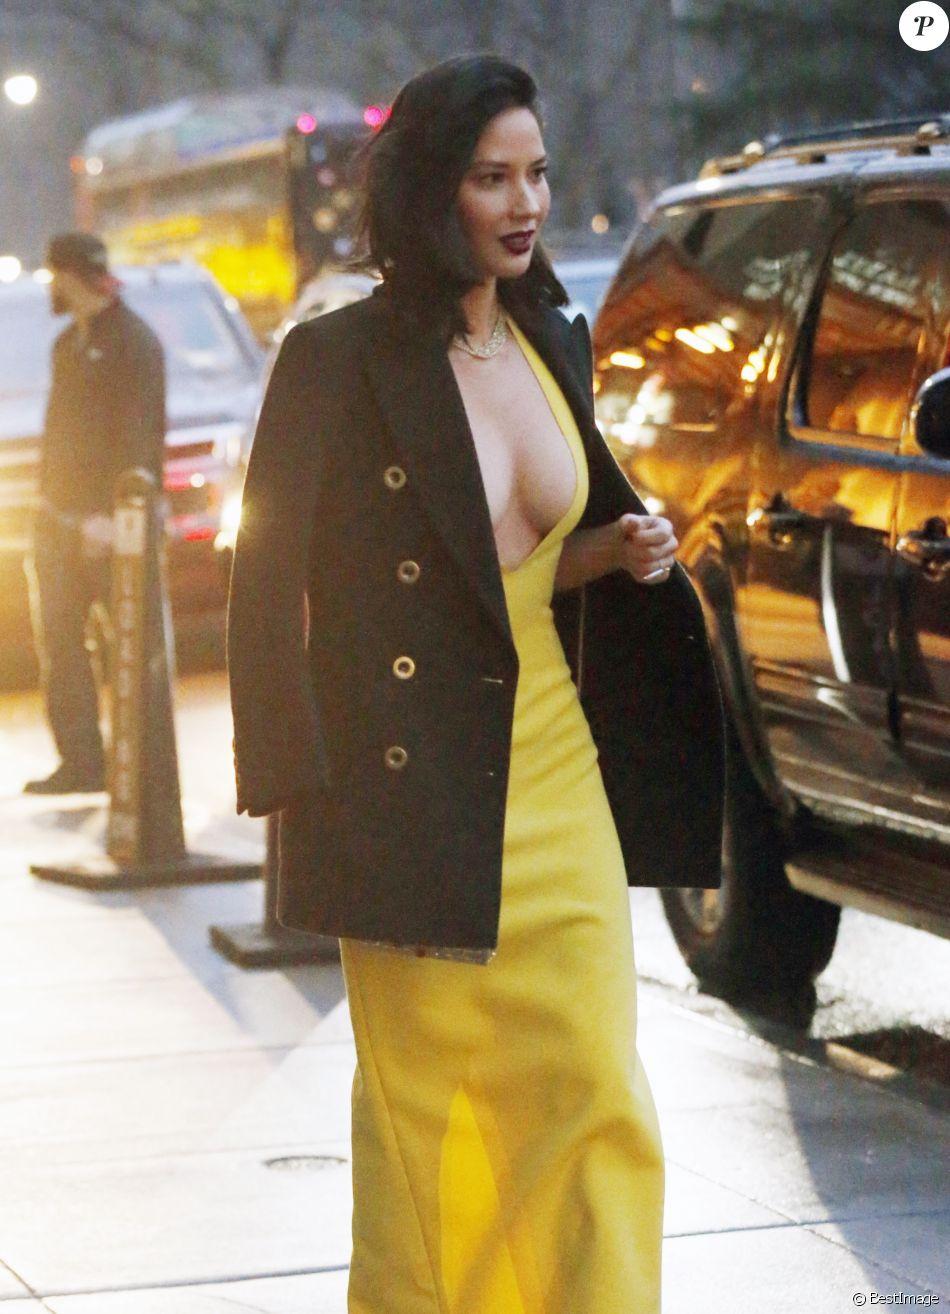 Exclusif - Olivia Munn très décolletée dans la rue à New York le 18 janvier 2017.